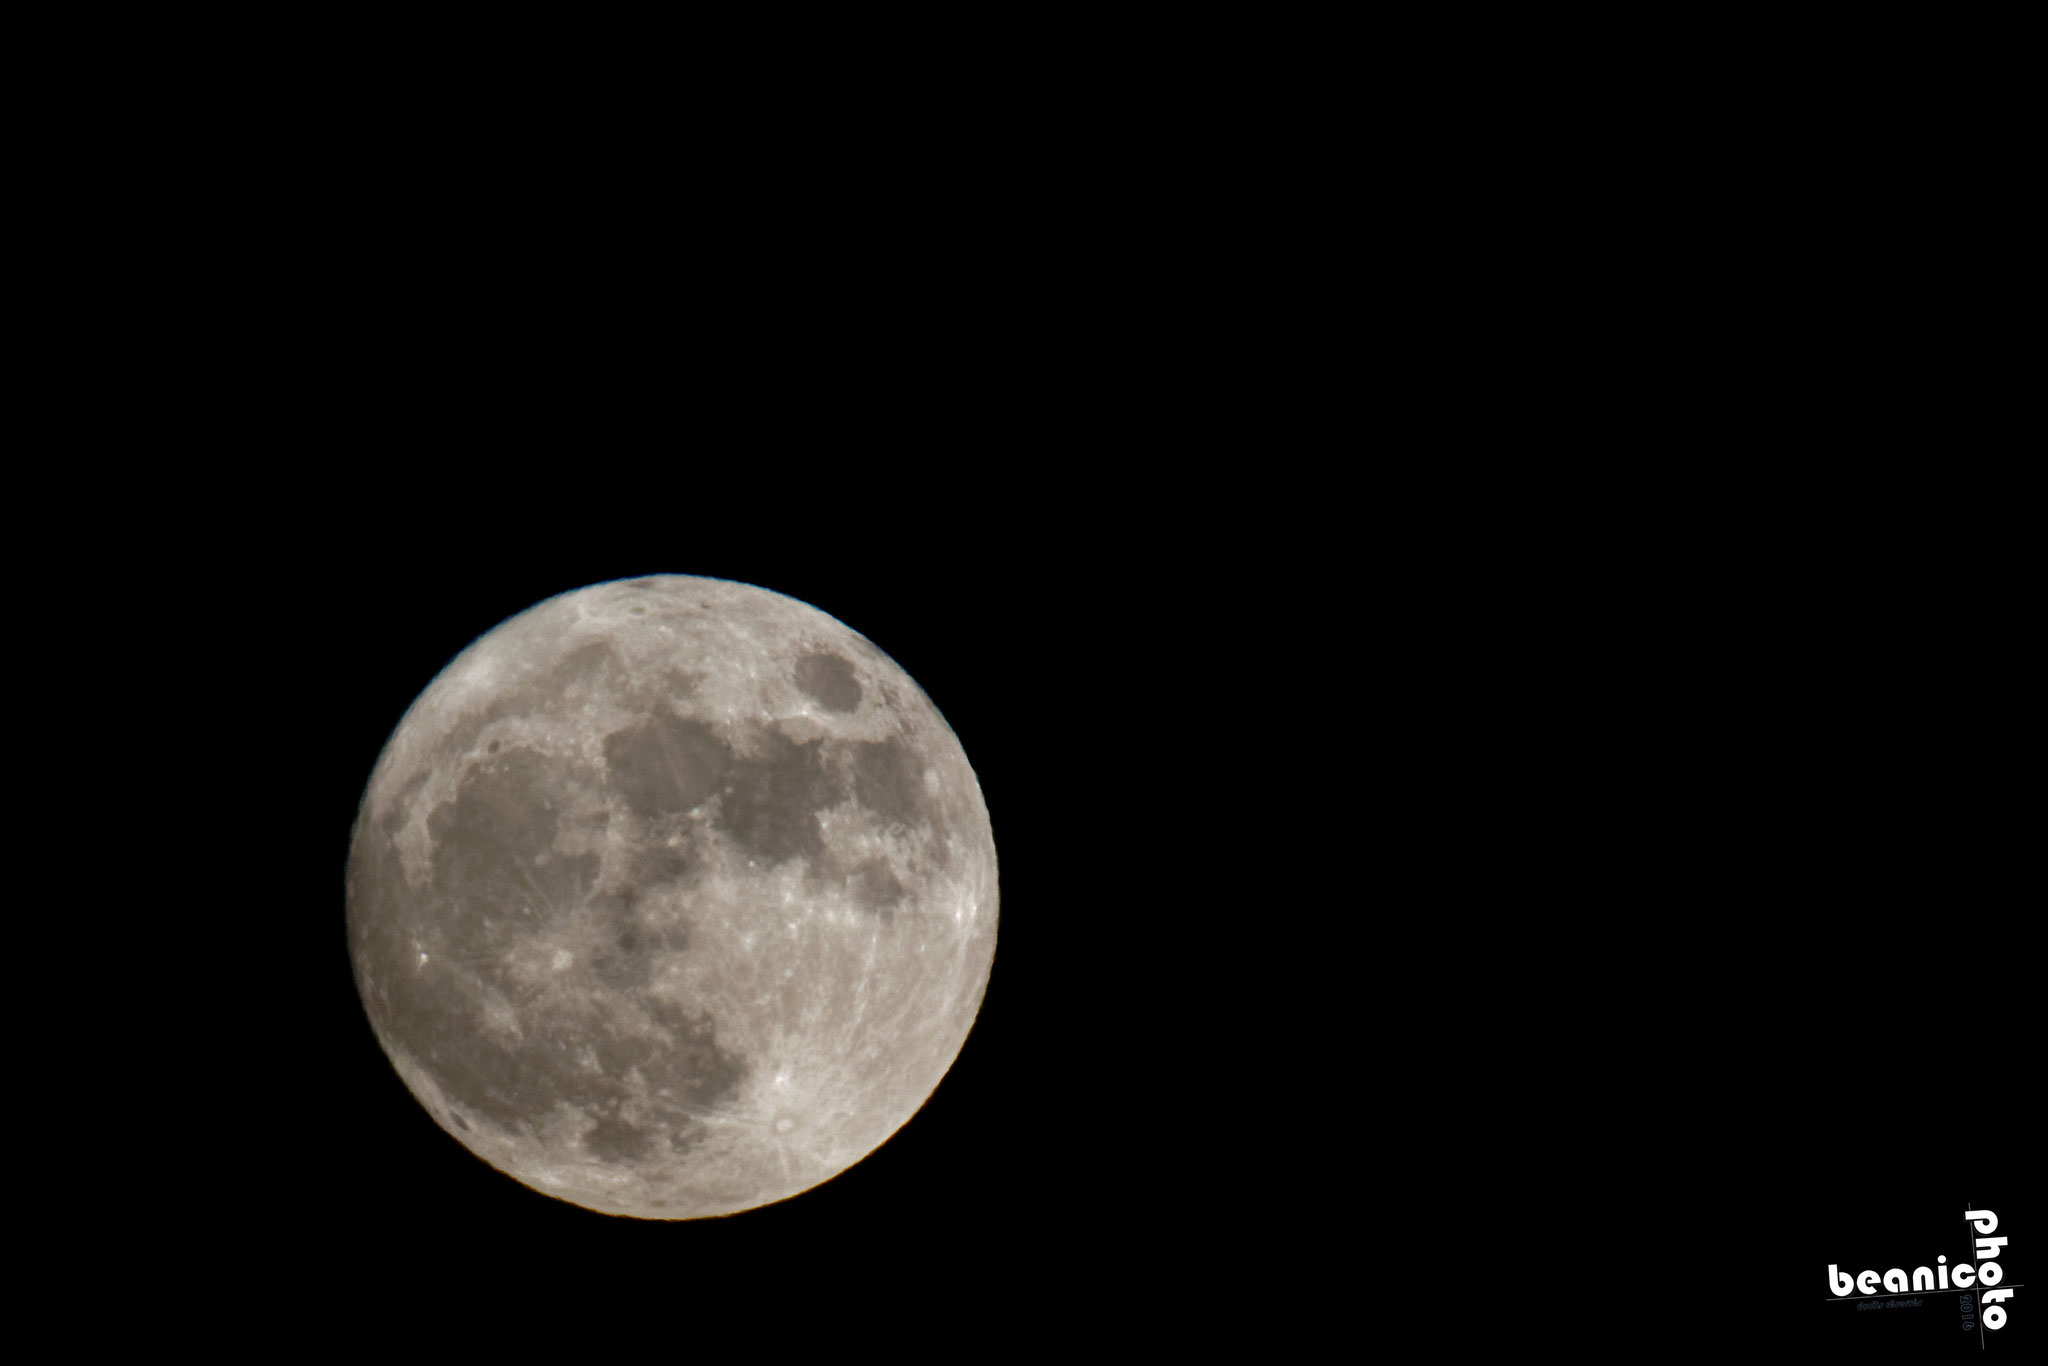 Canon 5DIII + Tamron 150-600 VC + Sigma 1,4x DG - La Lune par Beanico